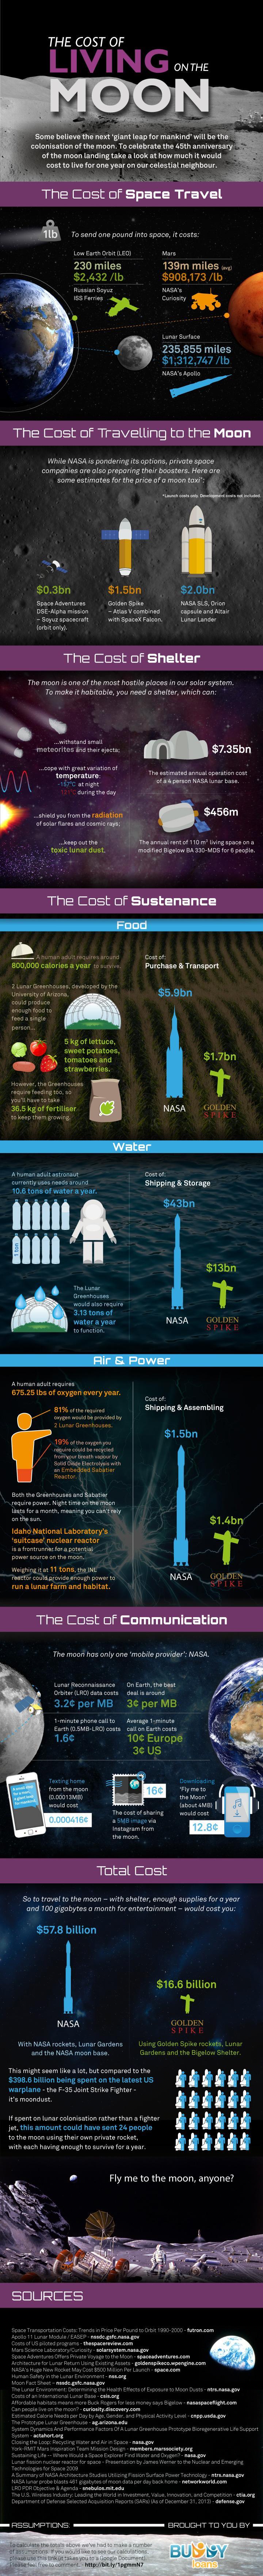 moon-infographic